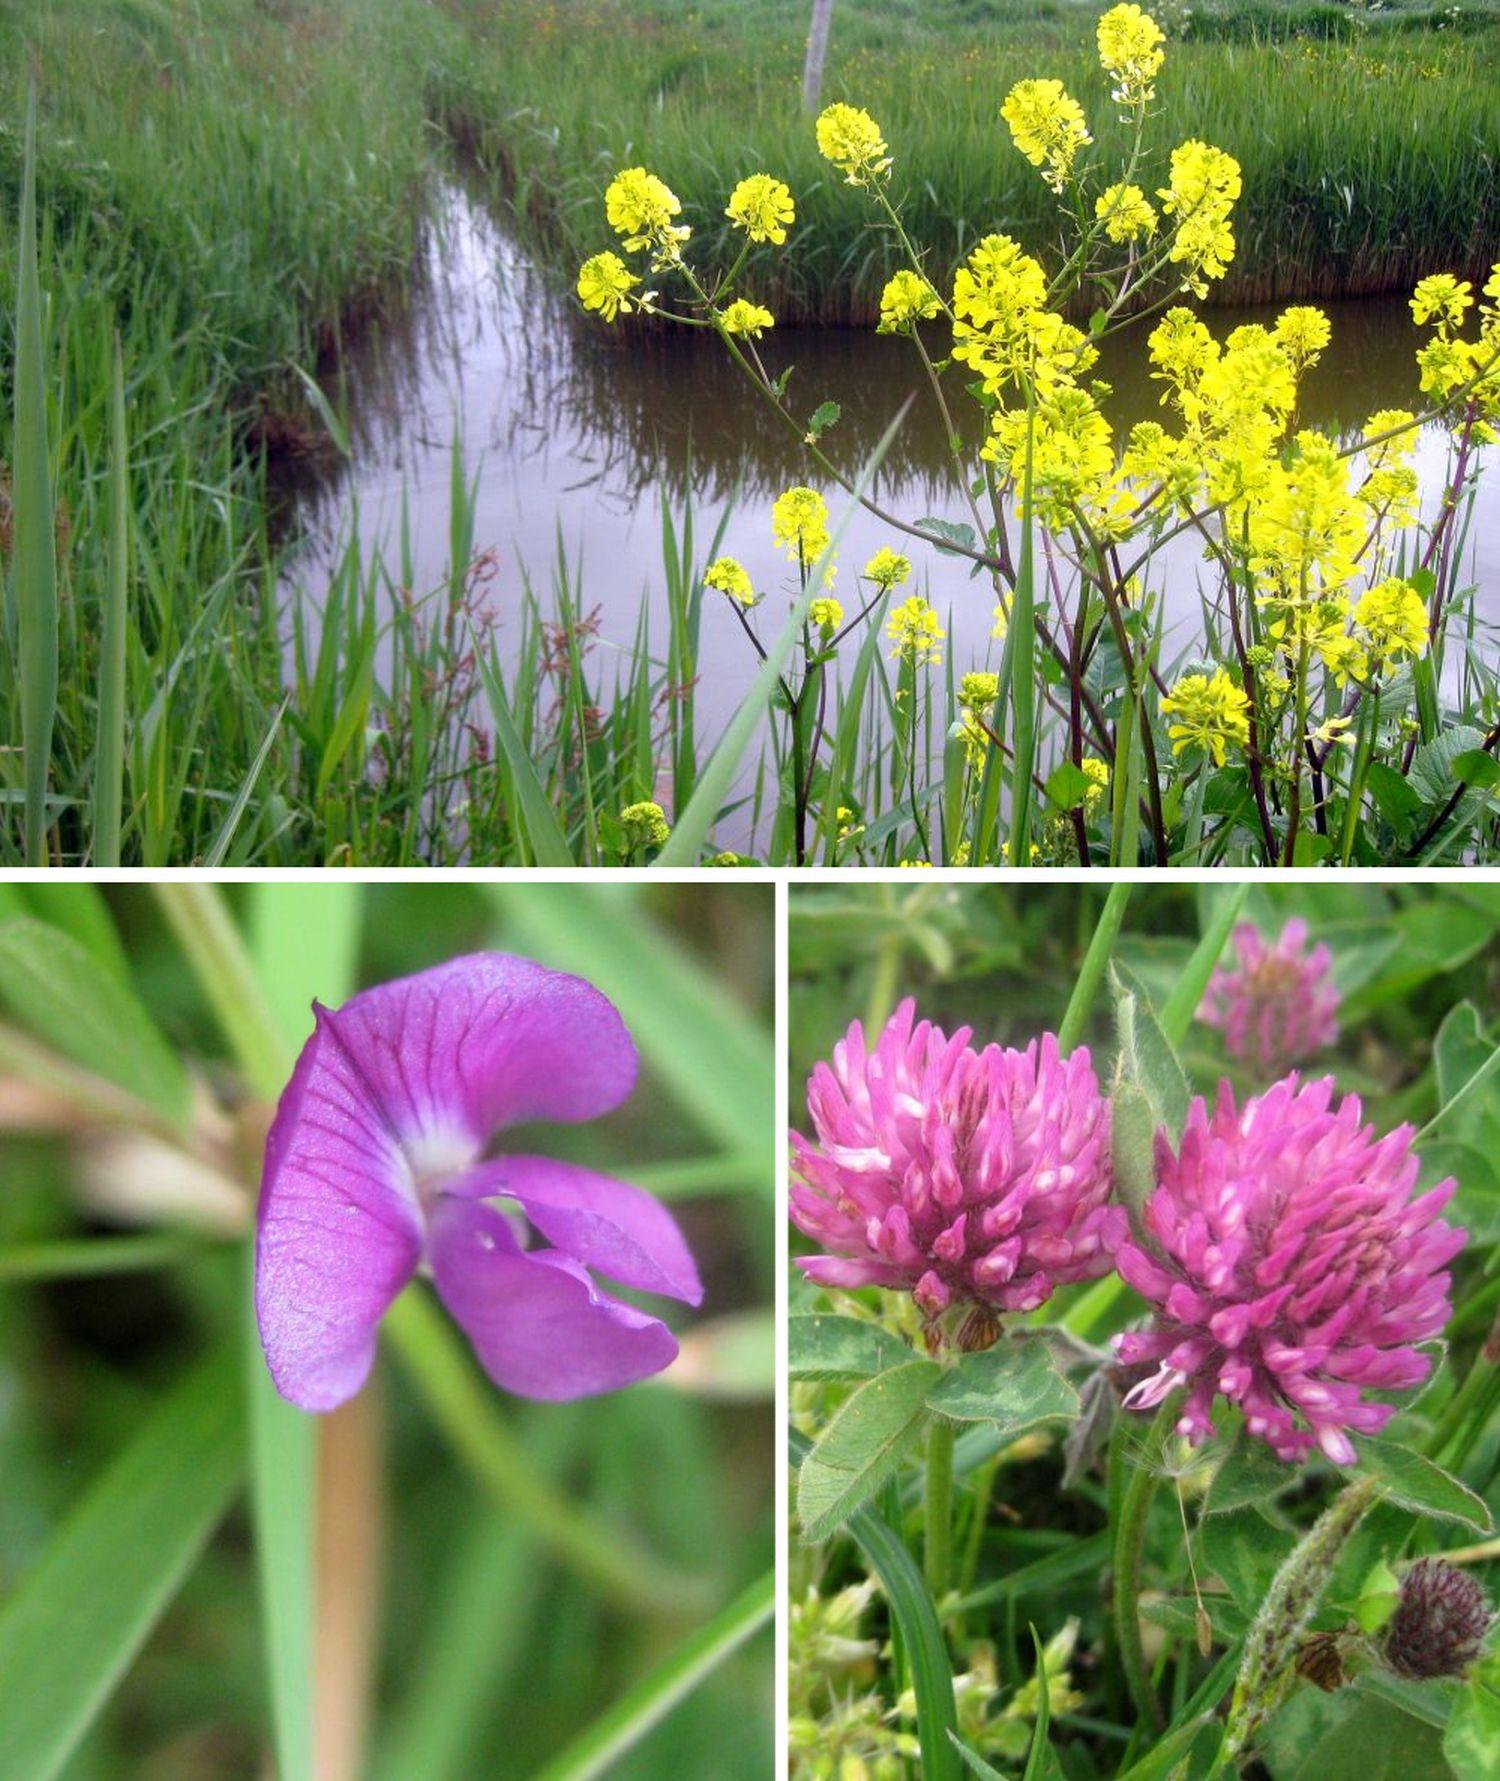 Wiesenblumen zeigen ihre Schönheit: gelber Ackersenf, roter Klee oder wilde Veilchen.